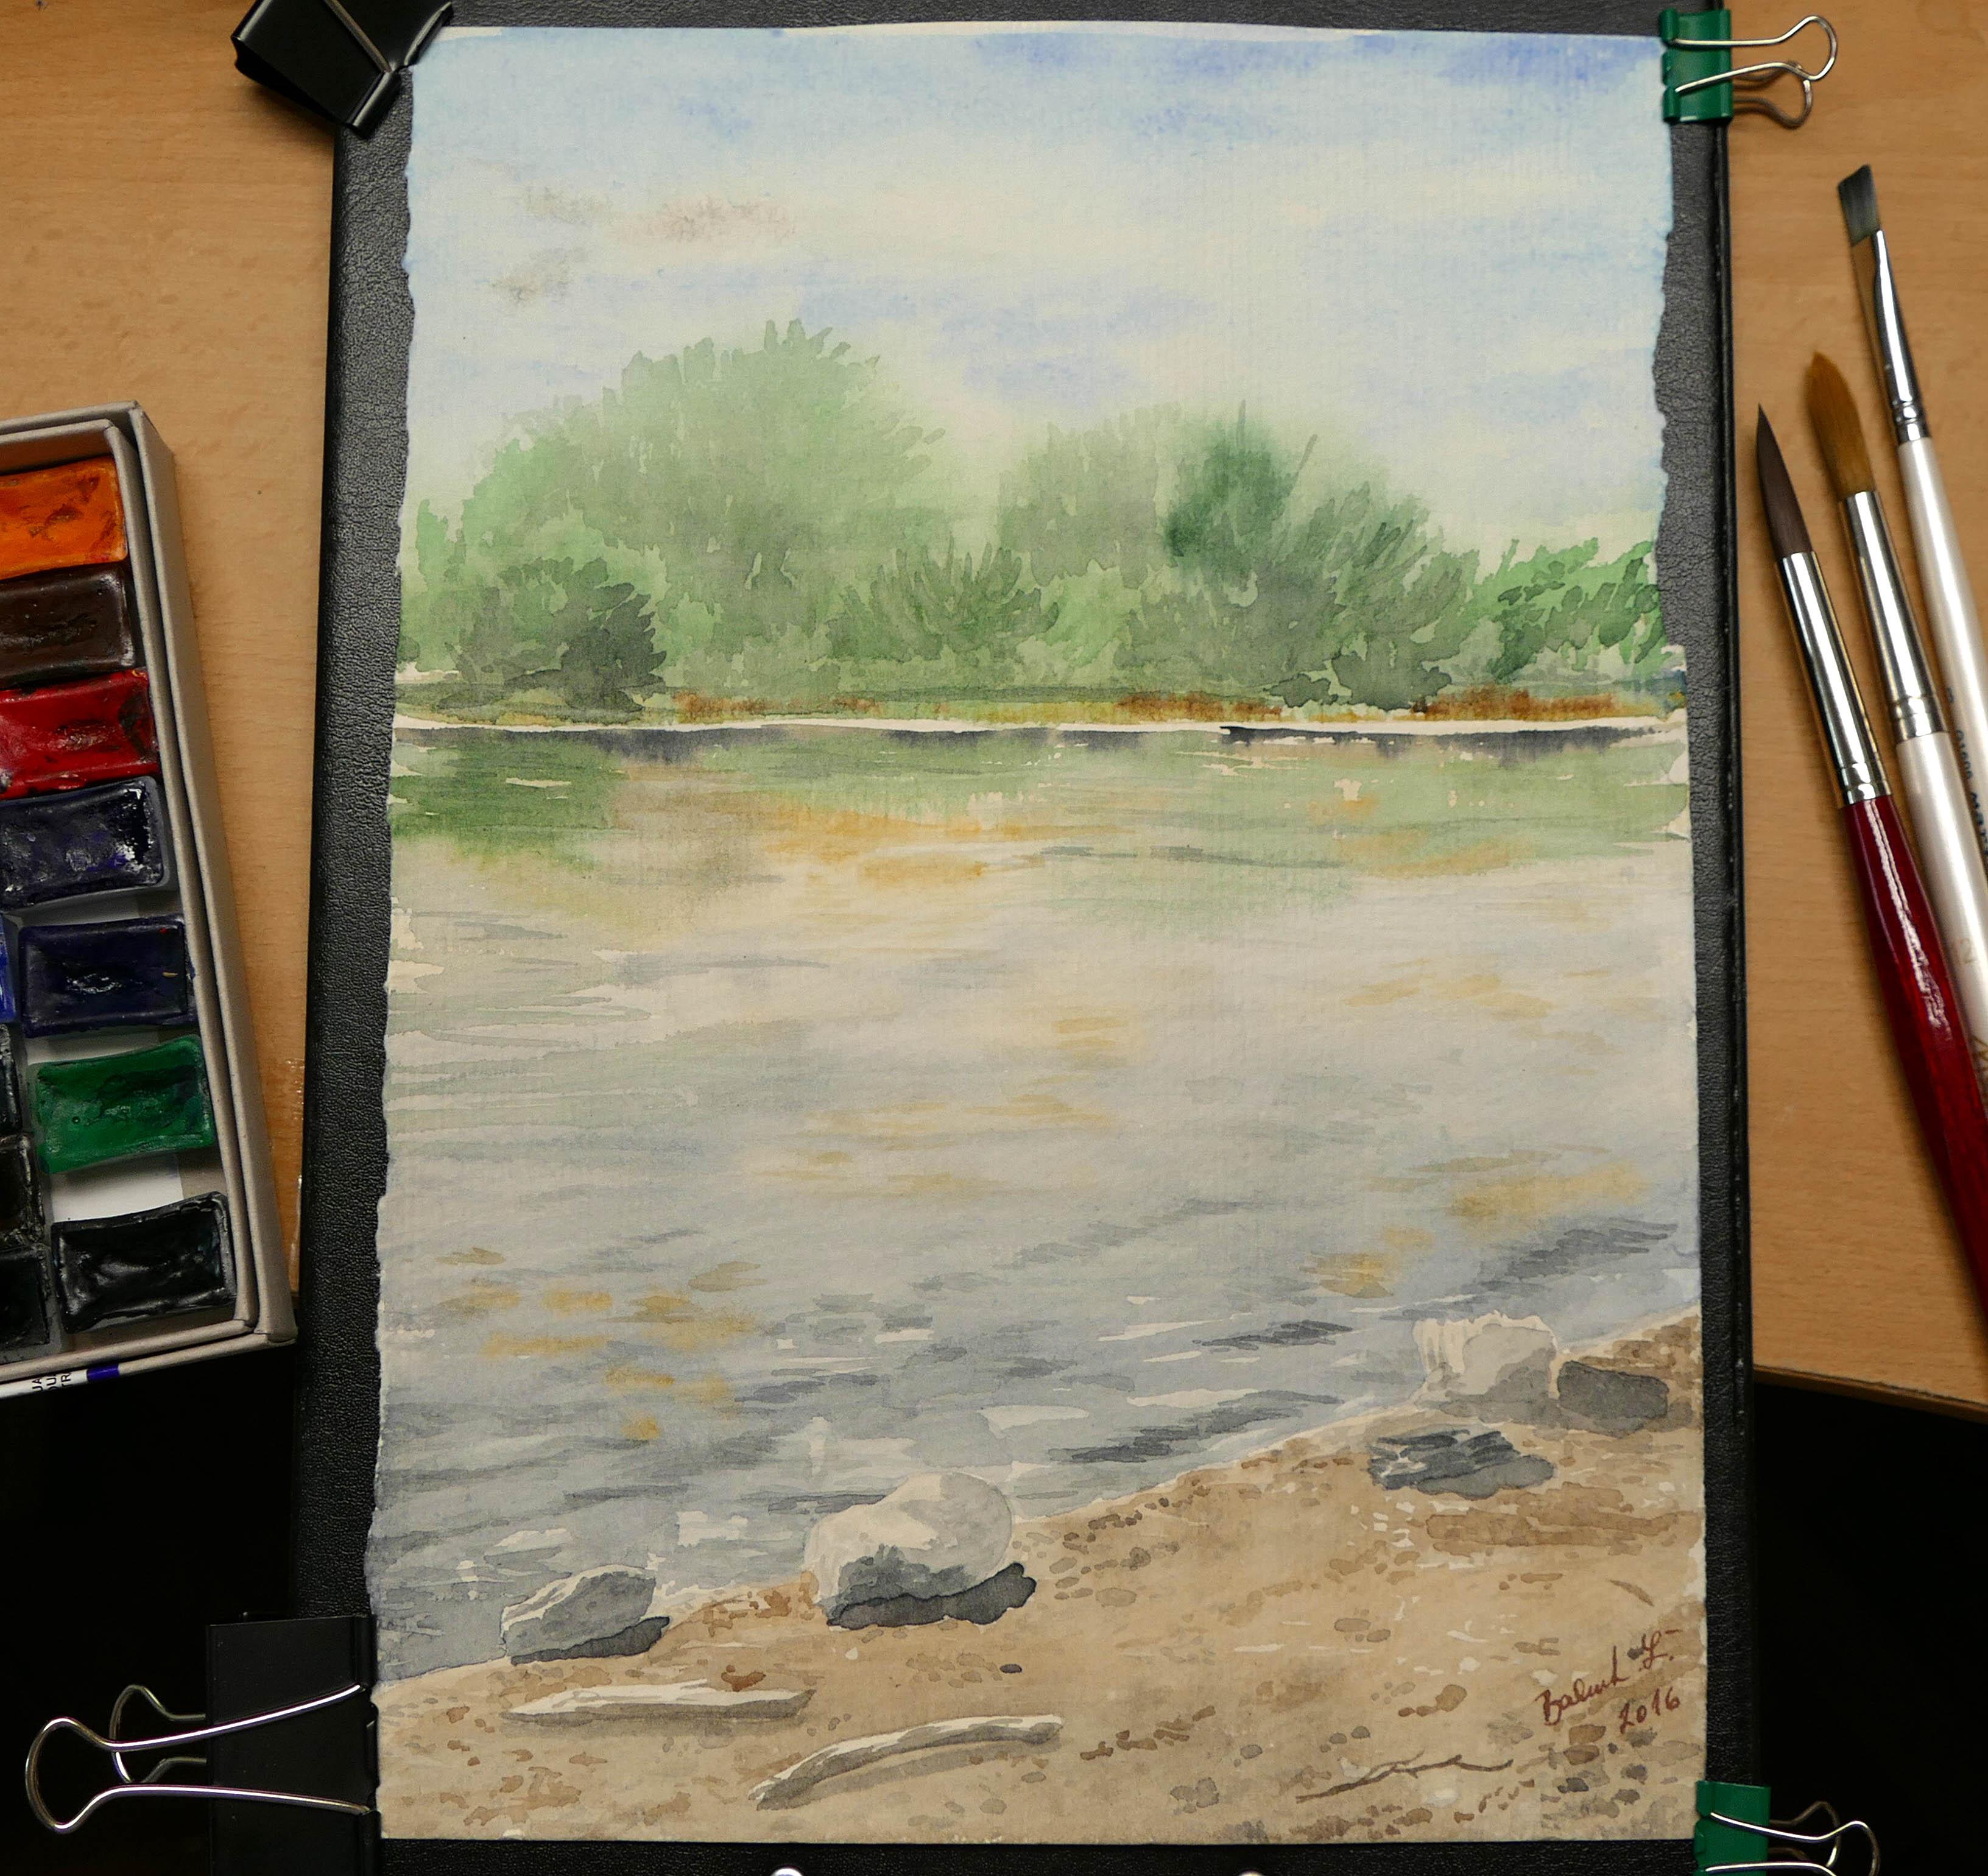 Maľovanie v prírode a domáca úloha